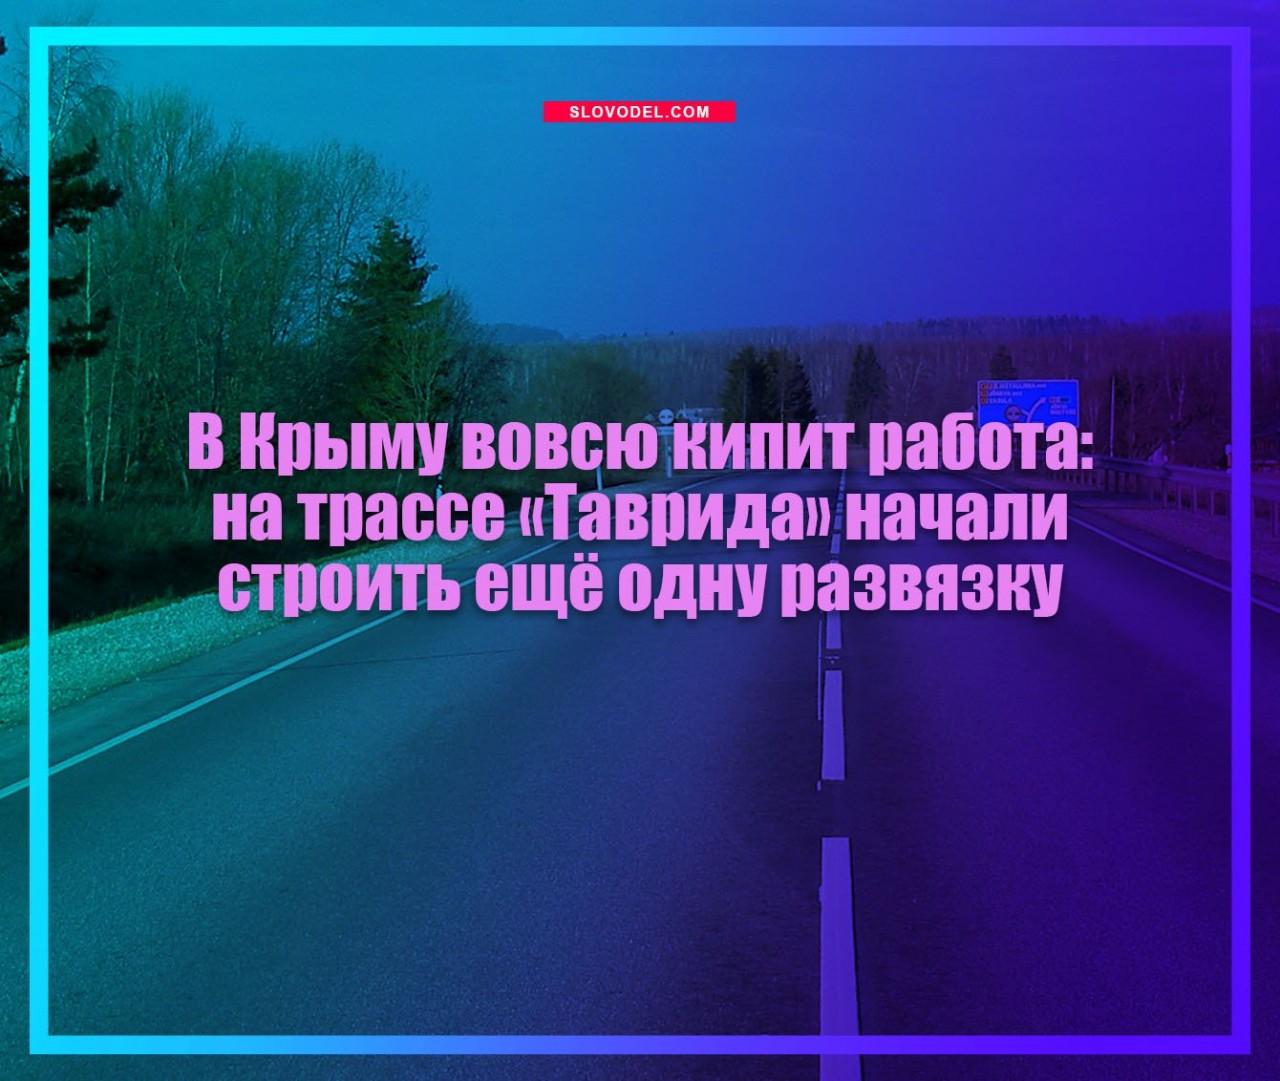 В Крыму вовсю кипит работа: на трассе «Таврида» начали строить ещё одну развязку